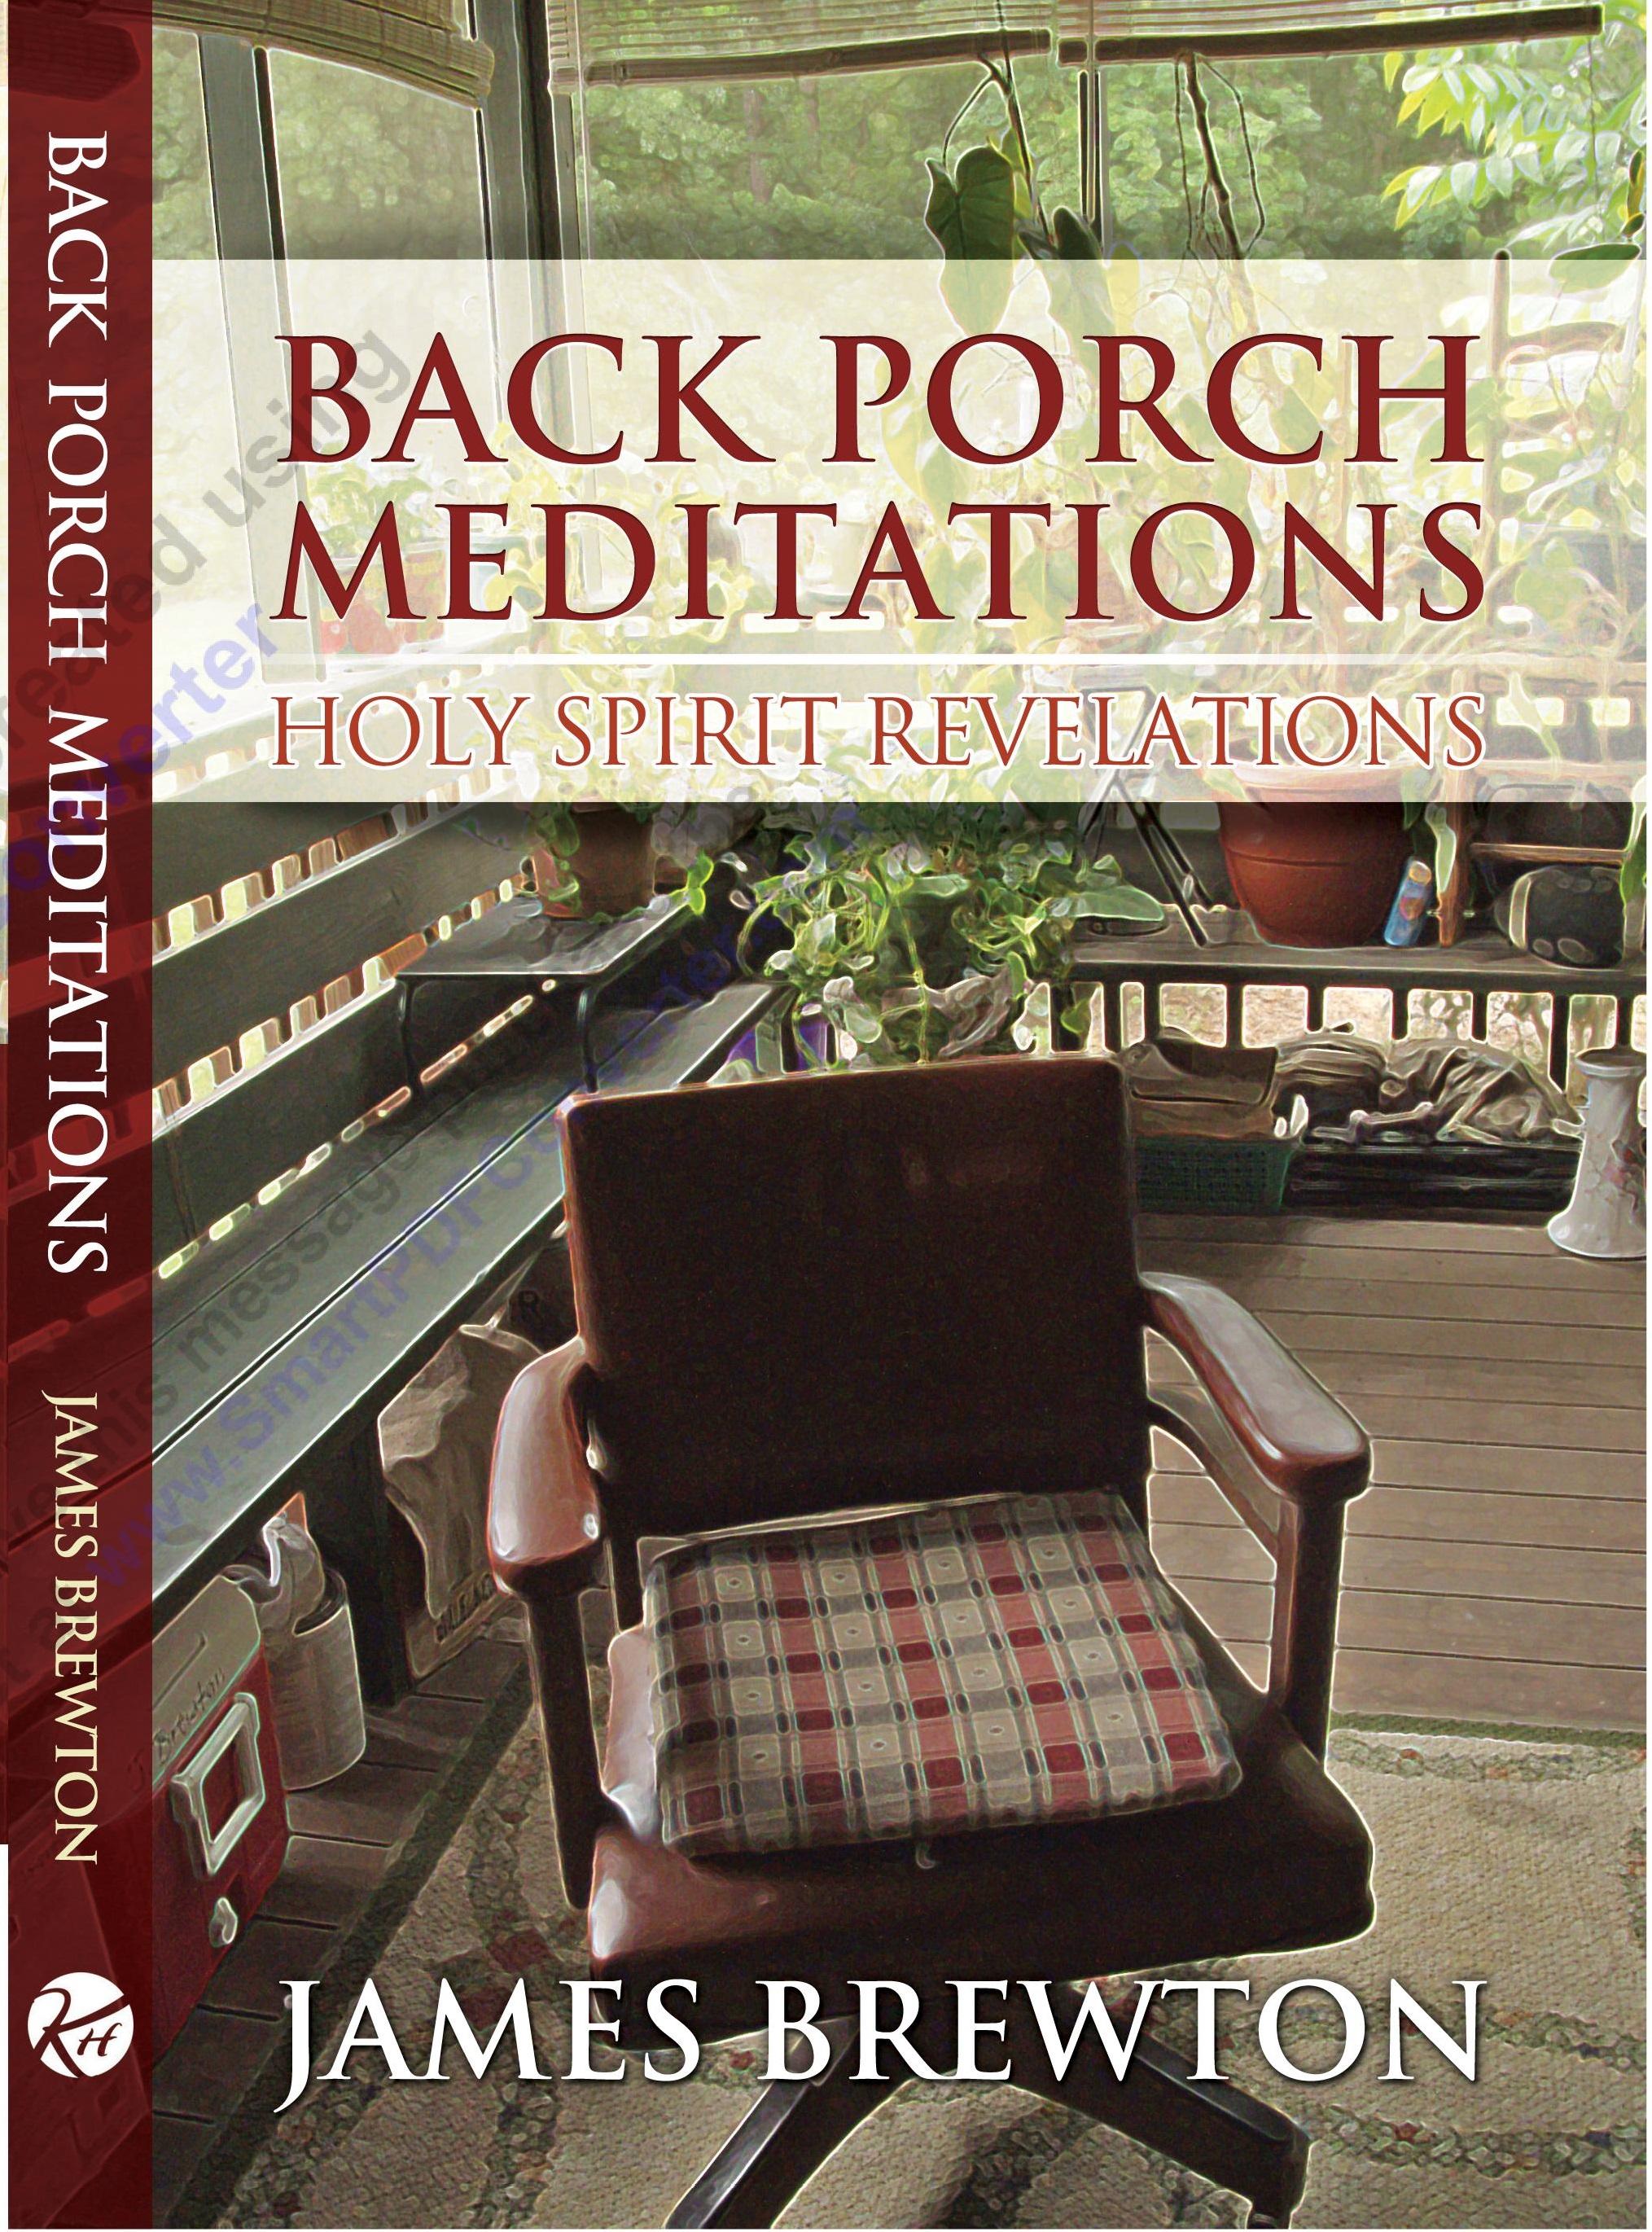 Back Porch Meditations - Holy Spirit Revelations